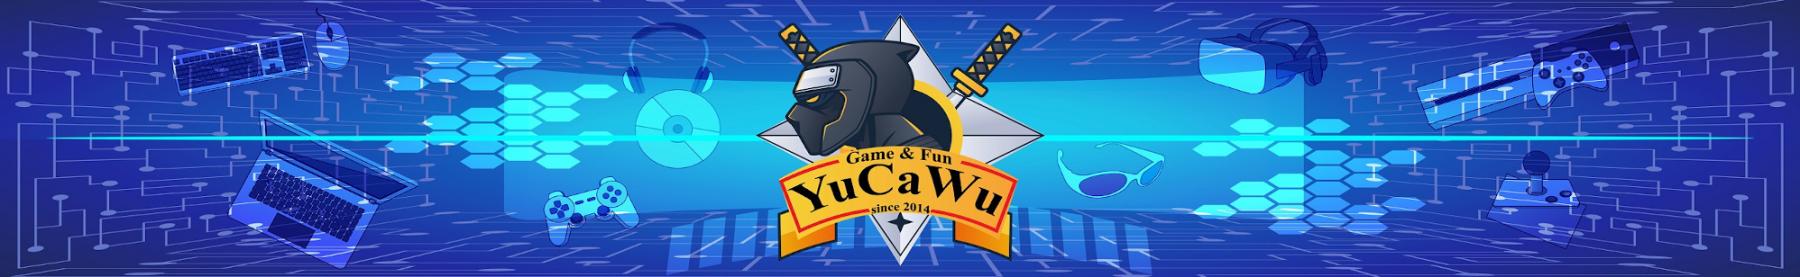 YuCaWu